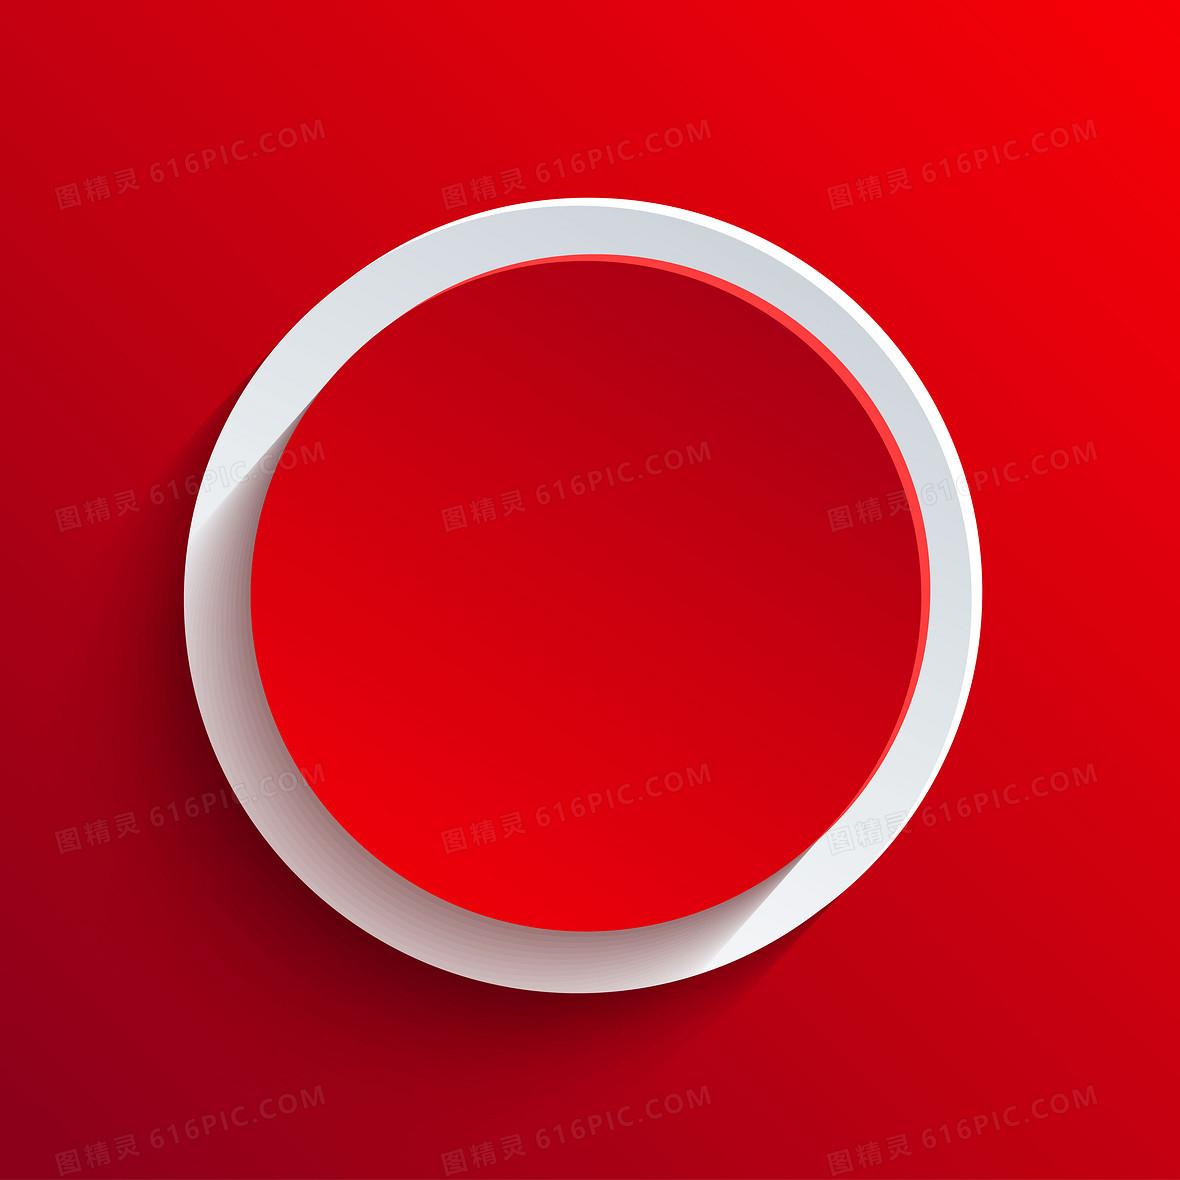 大气立体圆形红色渐变按钮背景素材